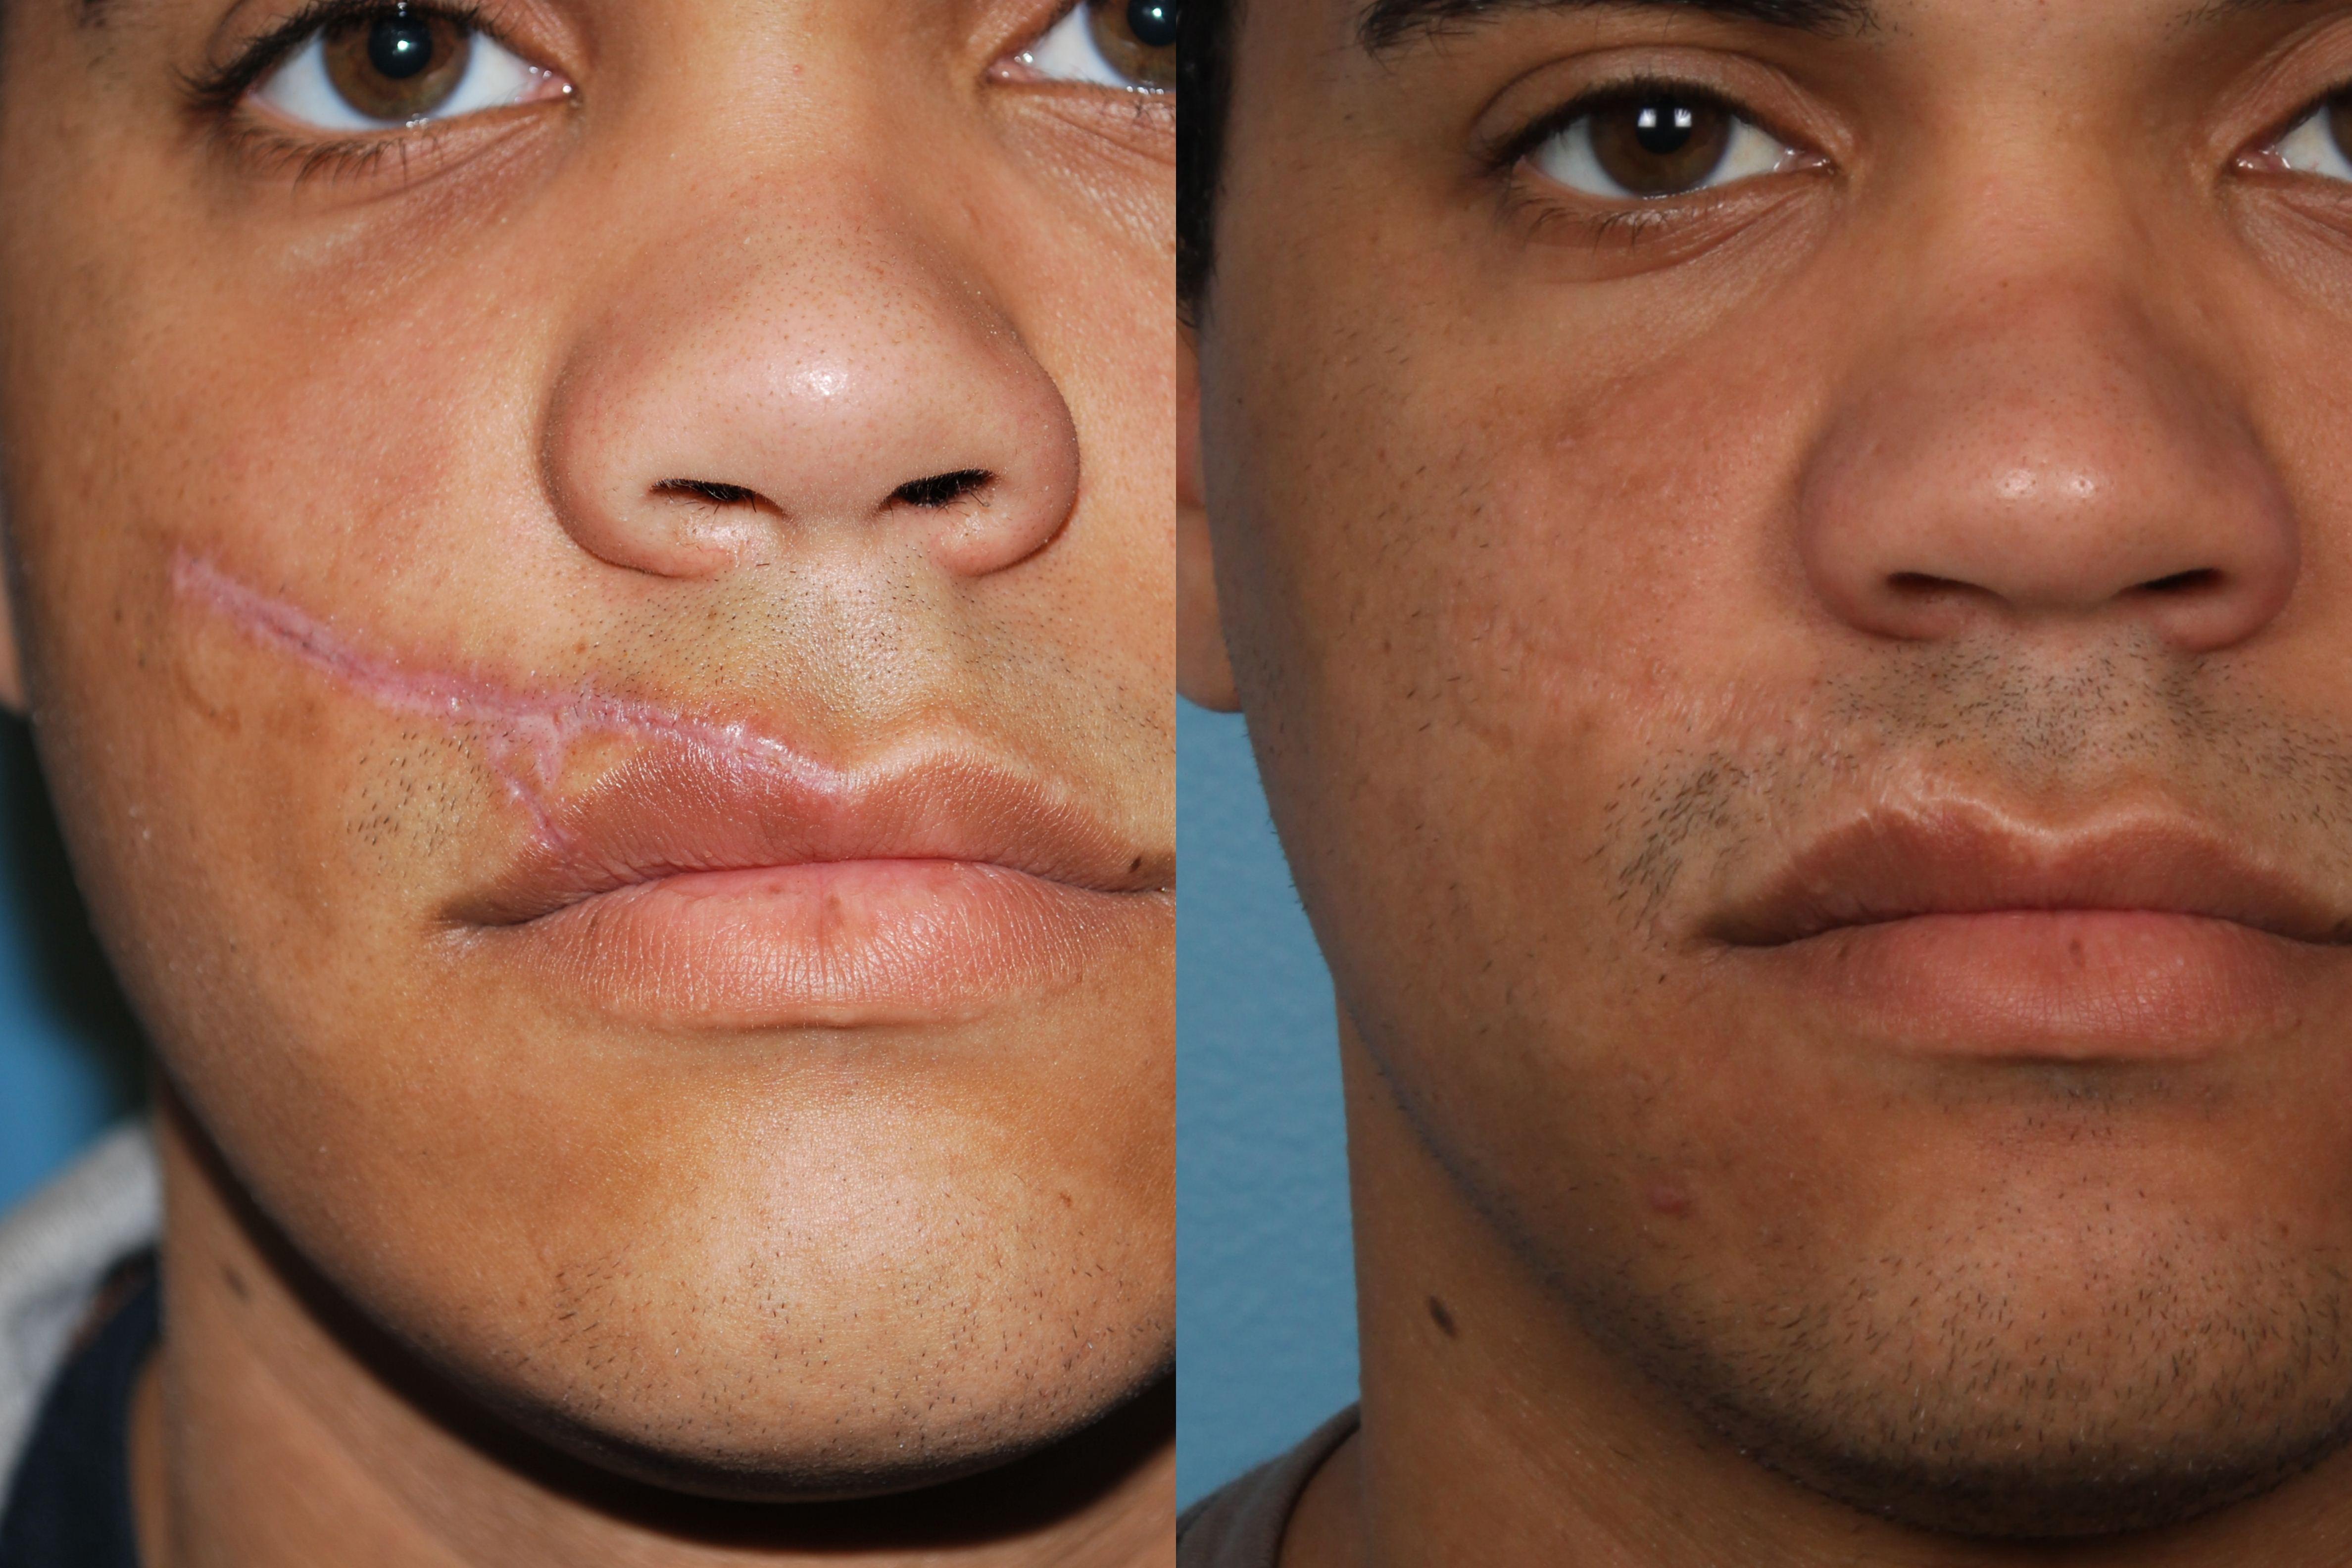 Facial Scar Surgery 36